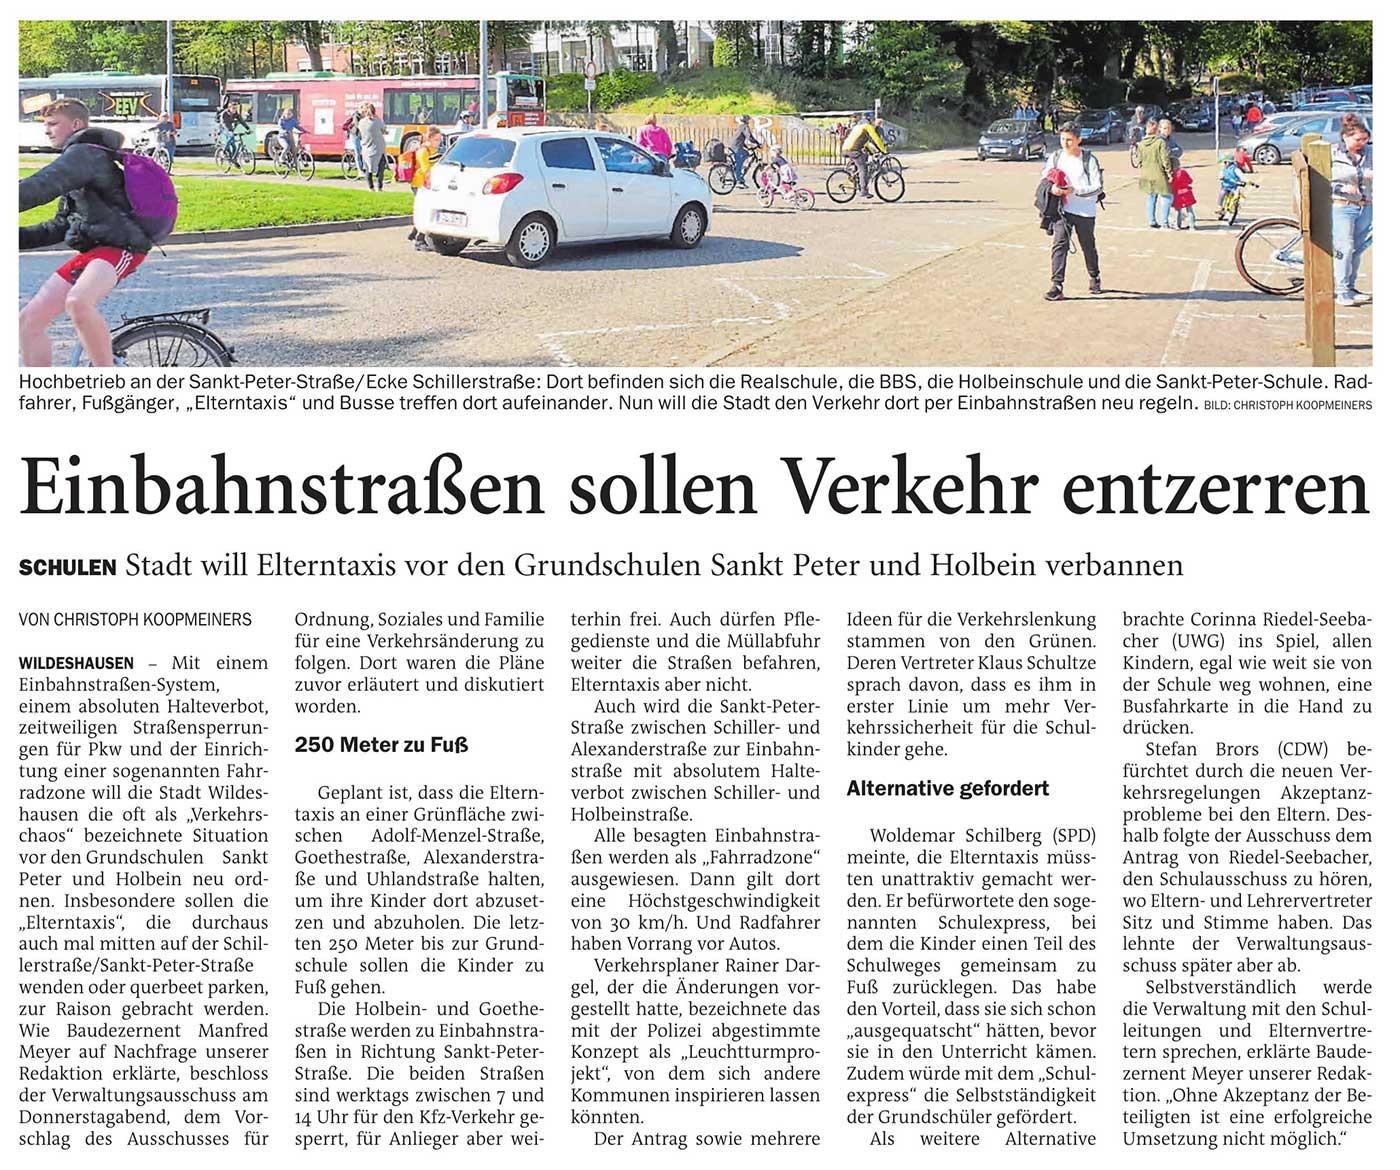 Einbahnstraße sollen Verkehr entzerrenSchulen: Stadt will Elterntaxis vor den Grundschulen Sankt Peter und Holbein verbannenArtikel vom 26.09.2020 (NWZ)